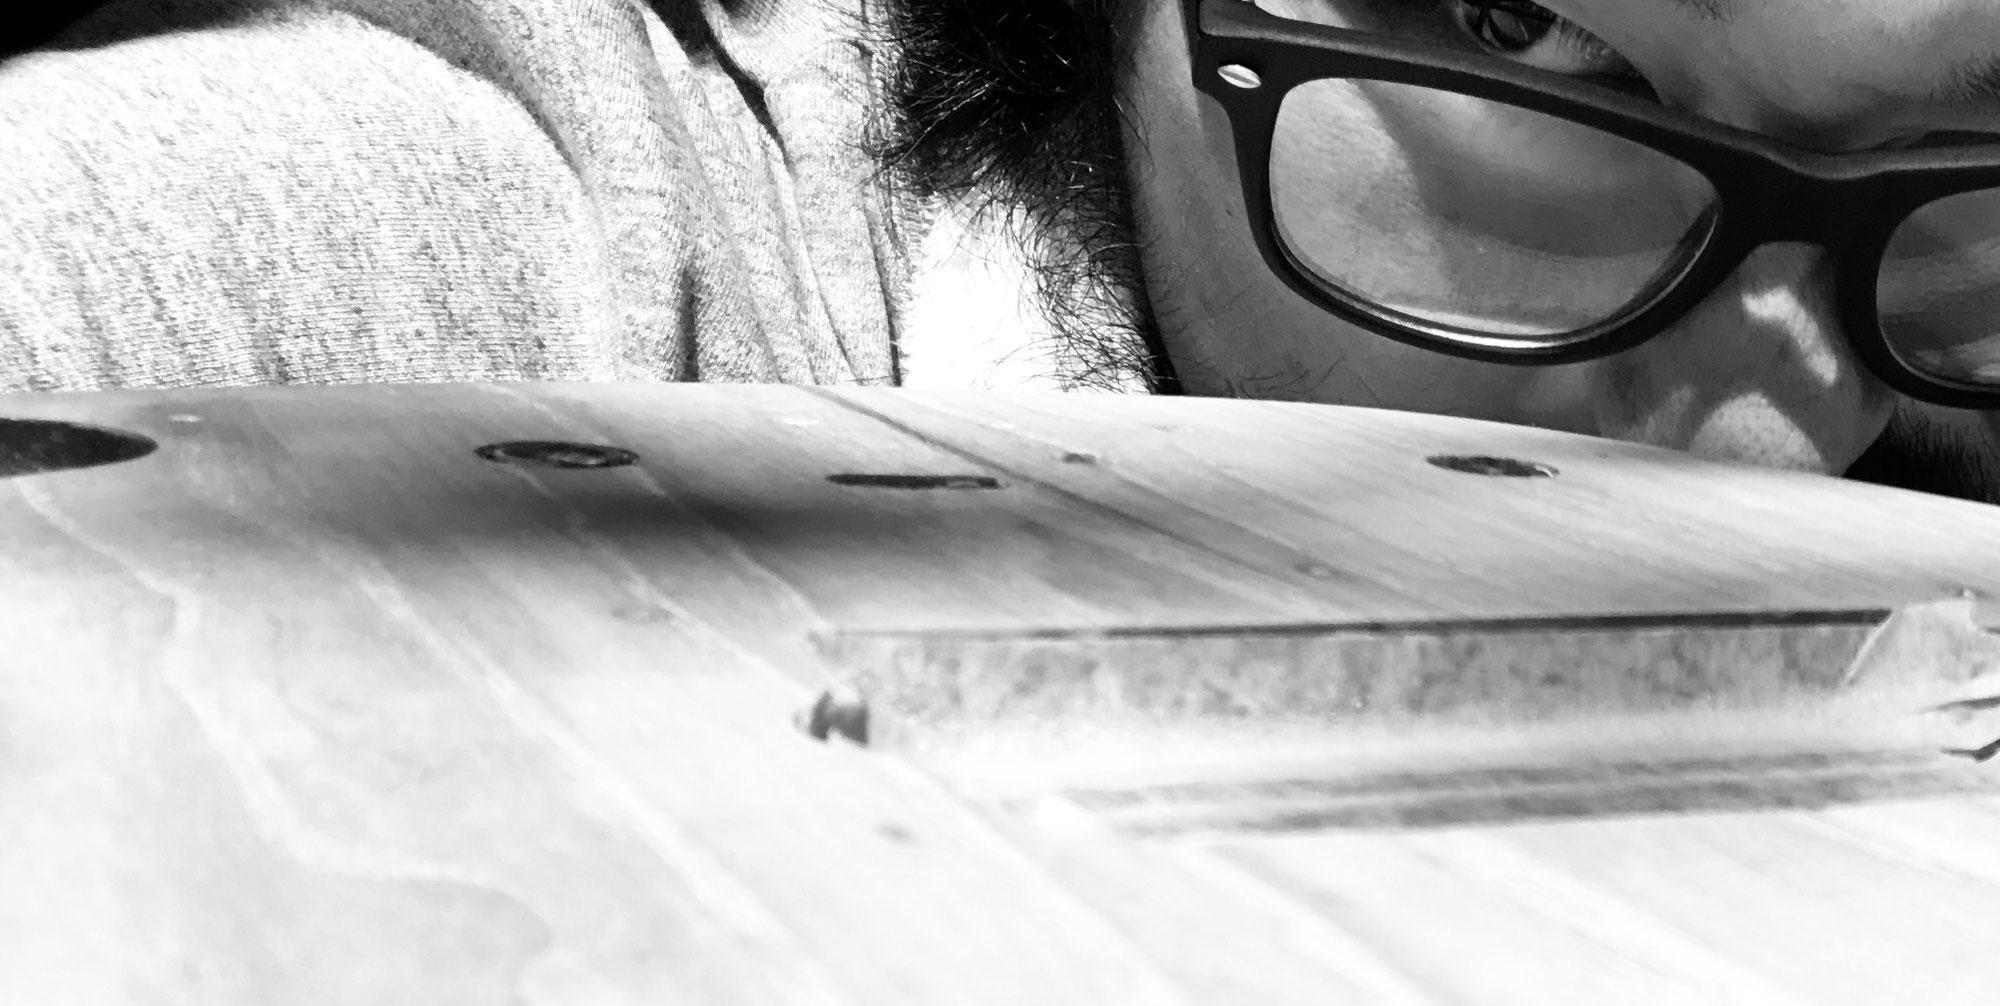 【店長ブログ】アーム奏法でビョイーンのグワングワンですよ。